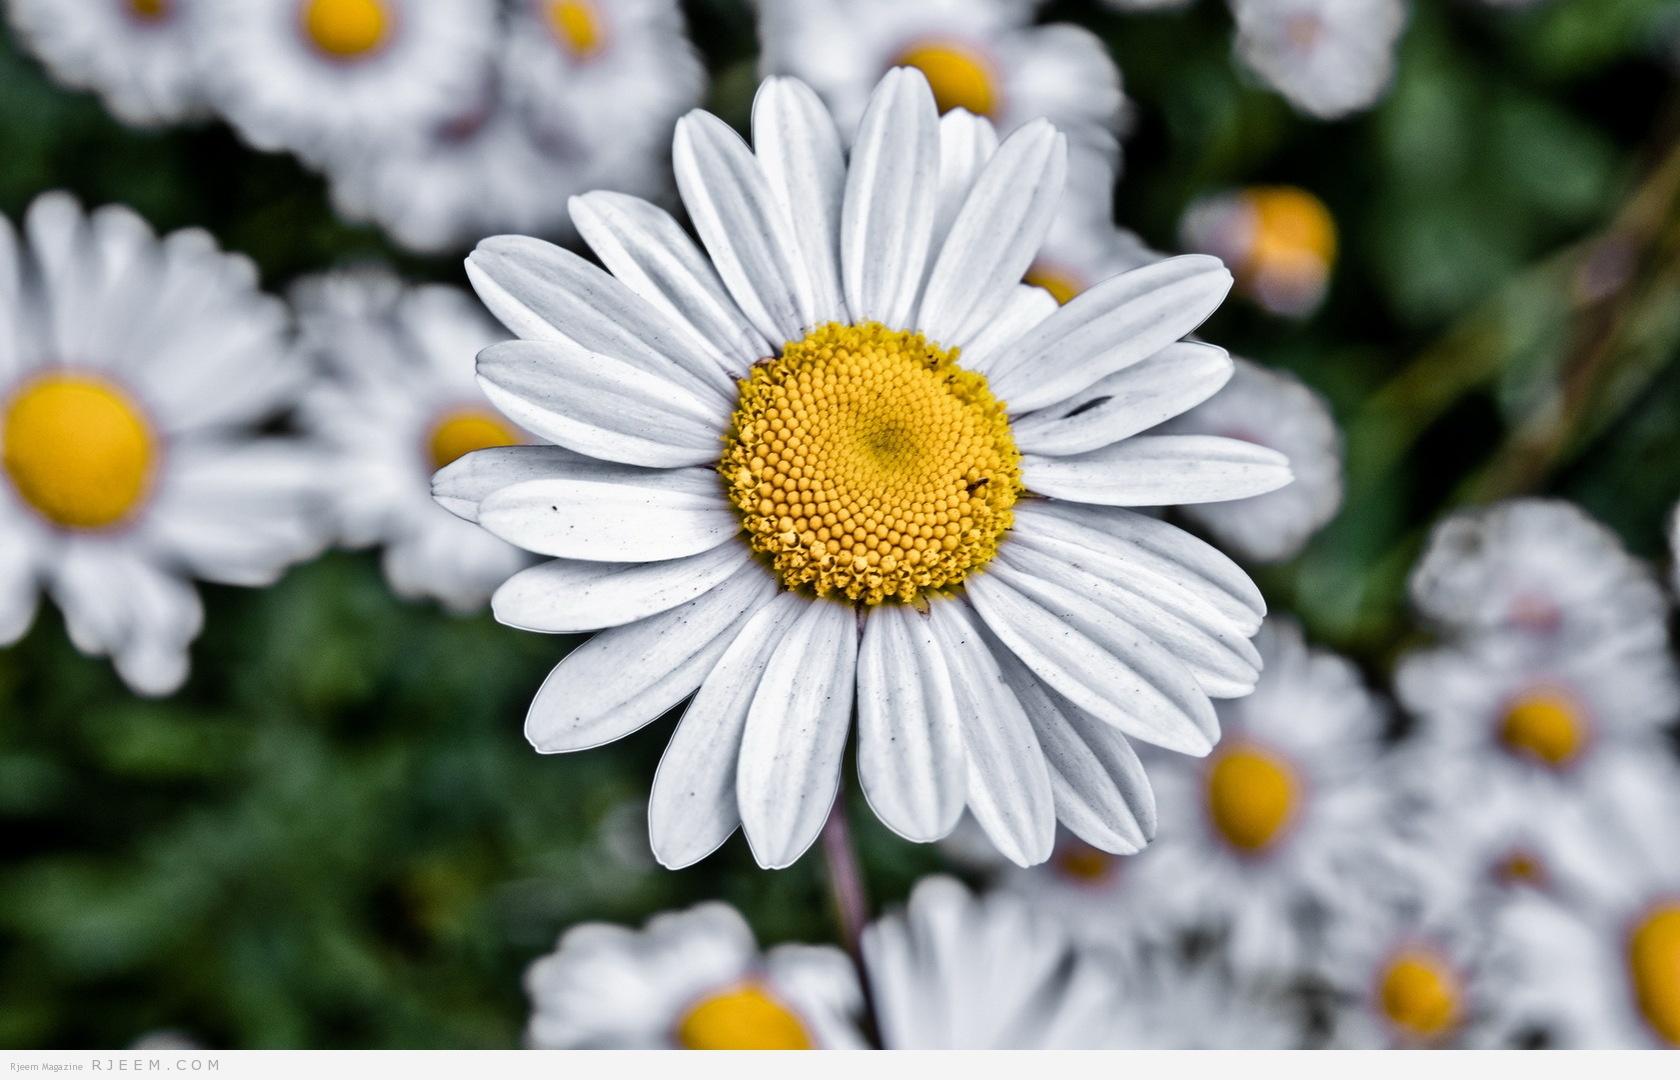 Красивые картинки полевых цветов 35 фото  Прикольные